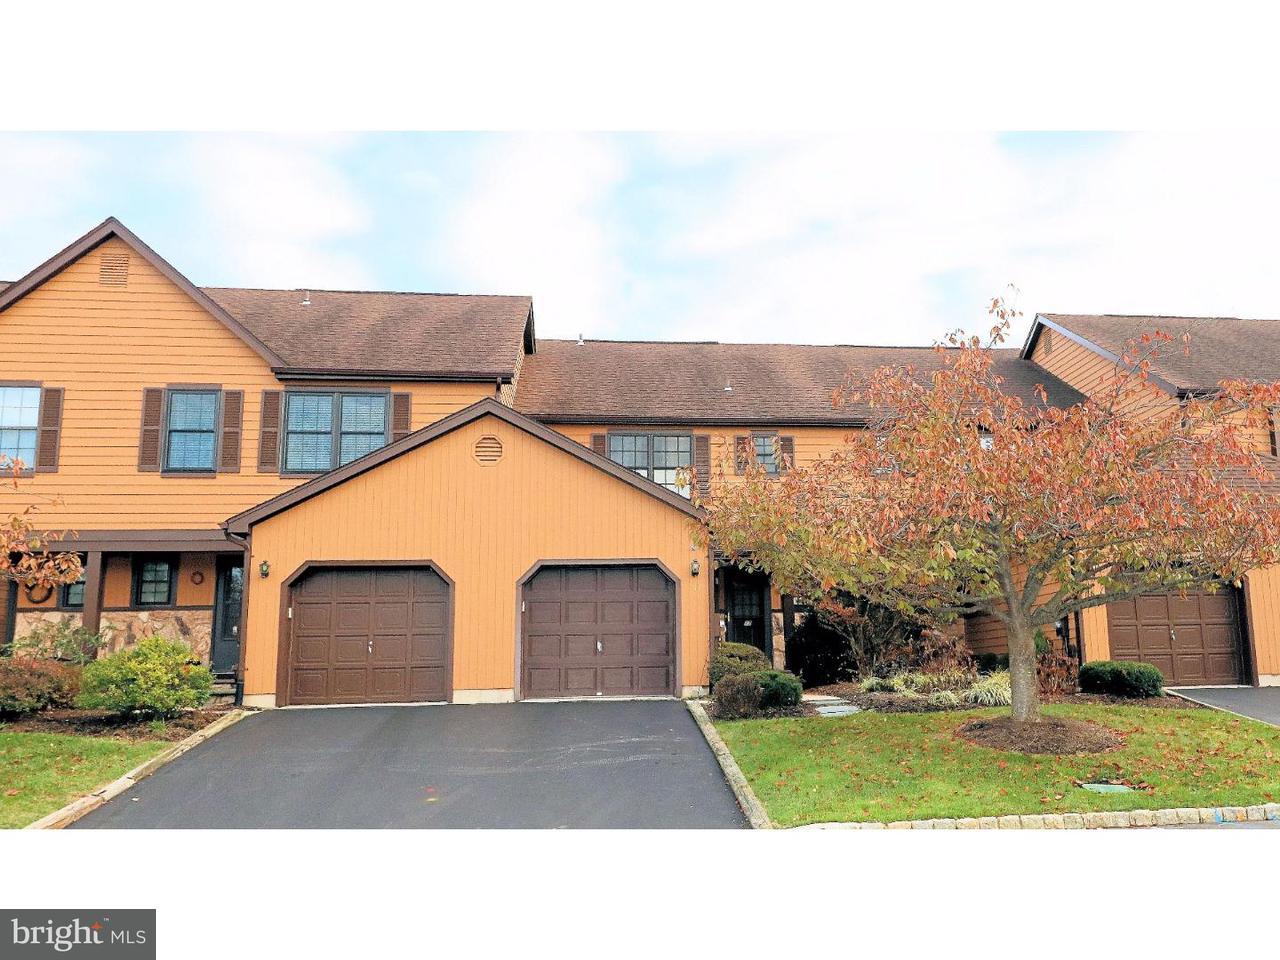 Casa unifamiliar adosada (Townhouse) por un Venta en 17 EASTON Court Lawrenceville, Nueva Jersey 08648 Estados UnidosEn/Alrededor: Lawrence Township